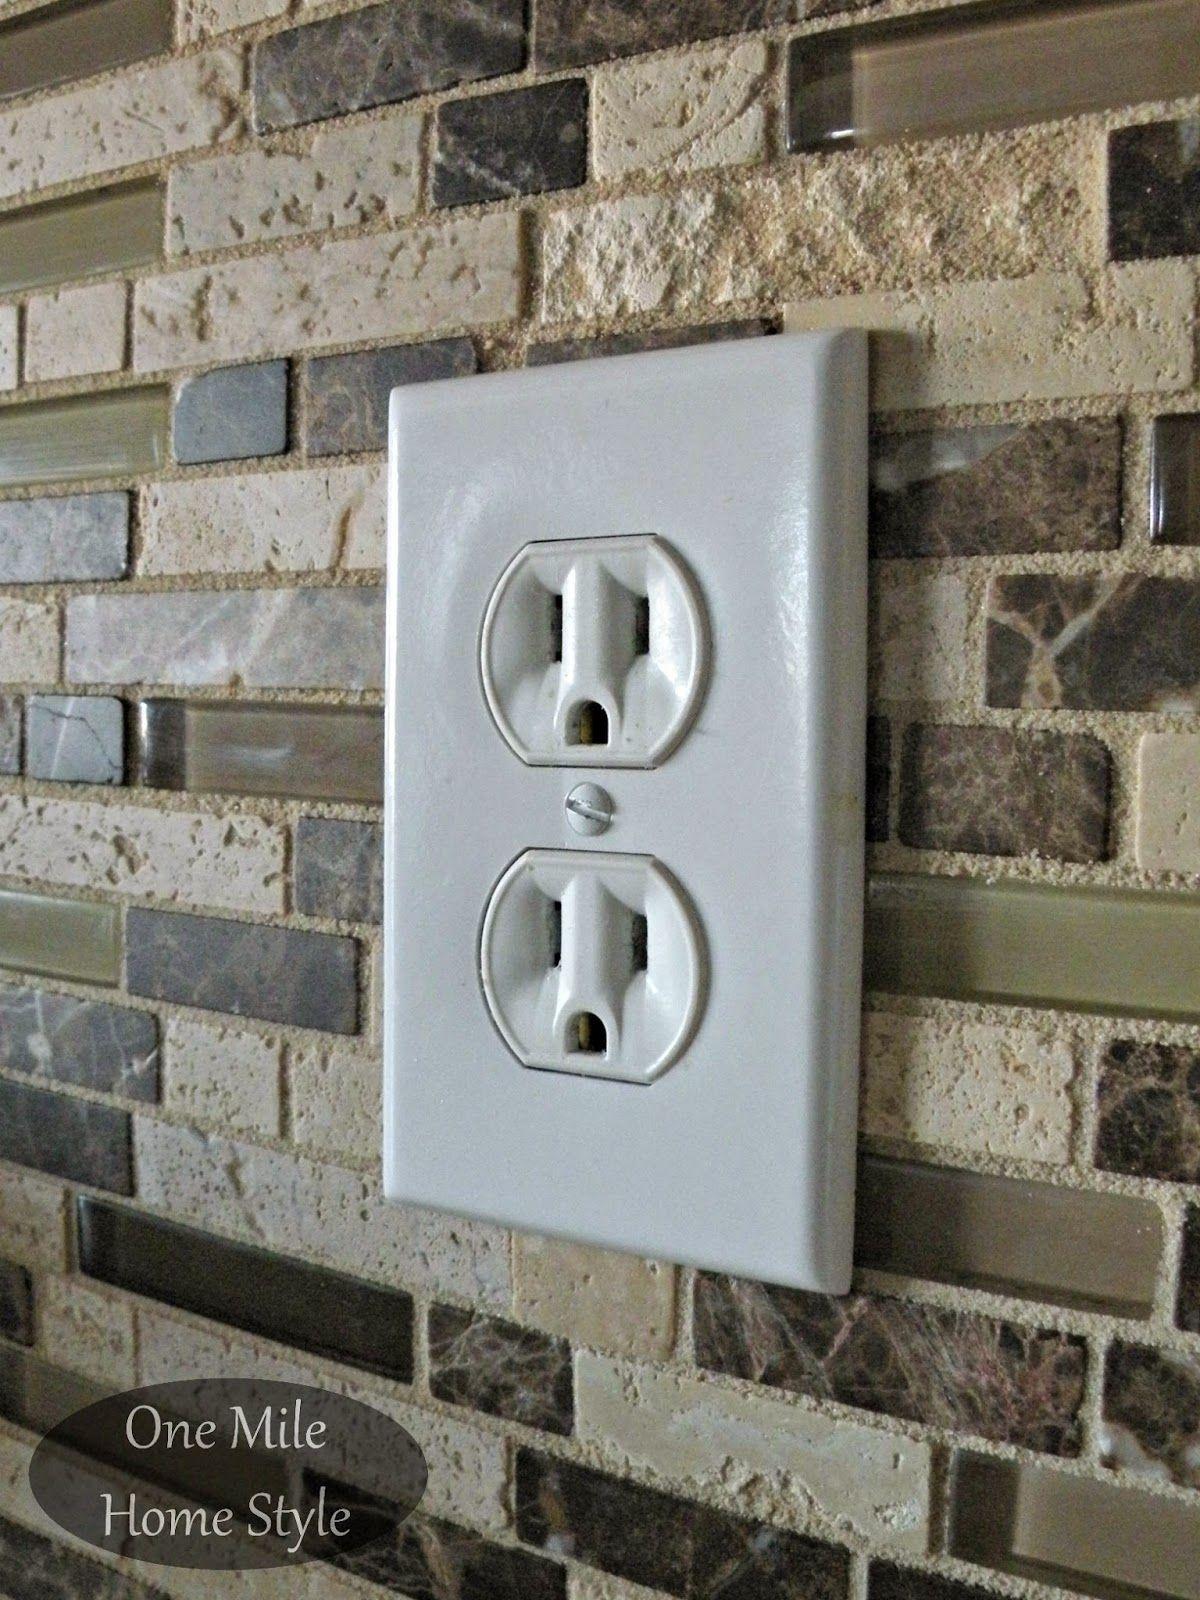 adjusting electrical outlets after tiling electrical outlets electrical wiring diy home repair home [ 1200 x 1600 Pixel ]